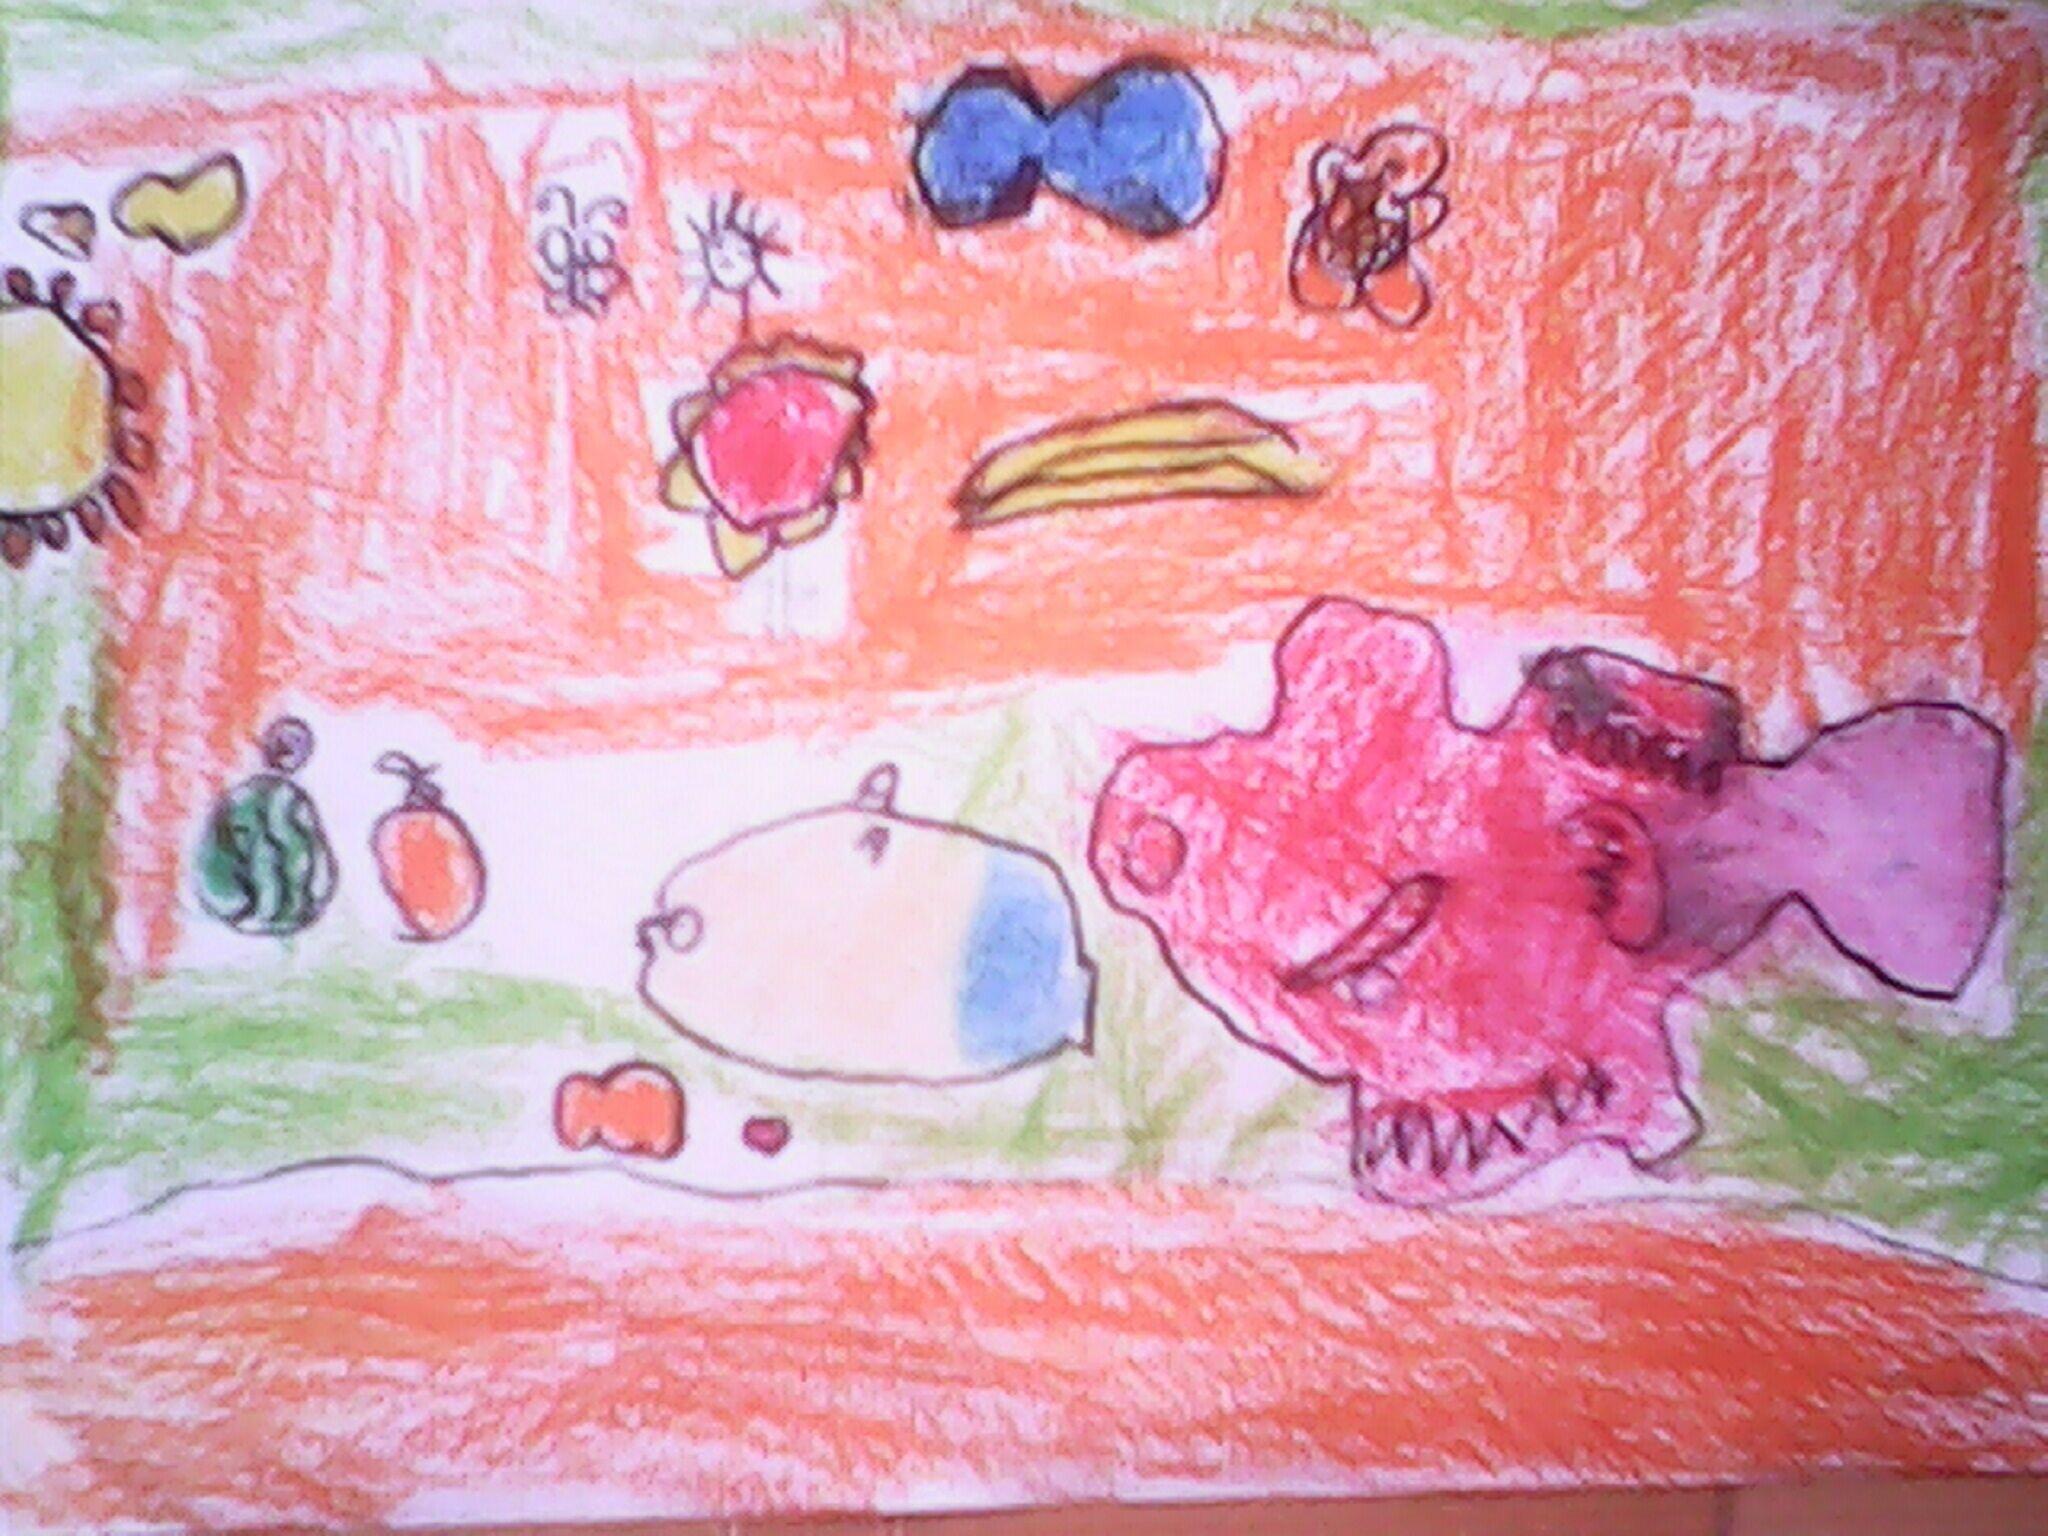 鱼-蜡笔画图集38